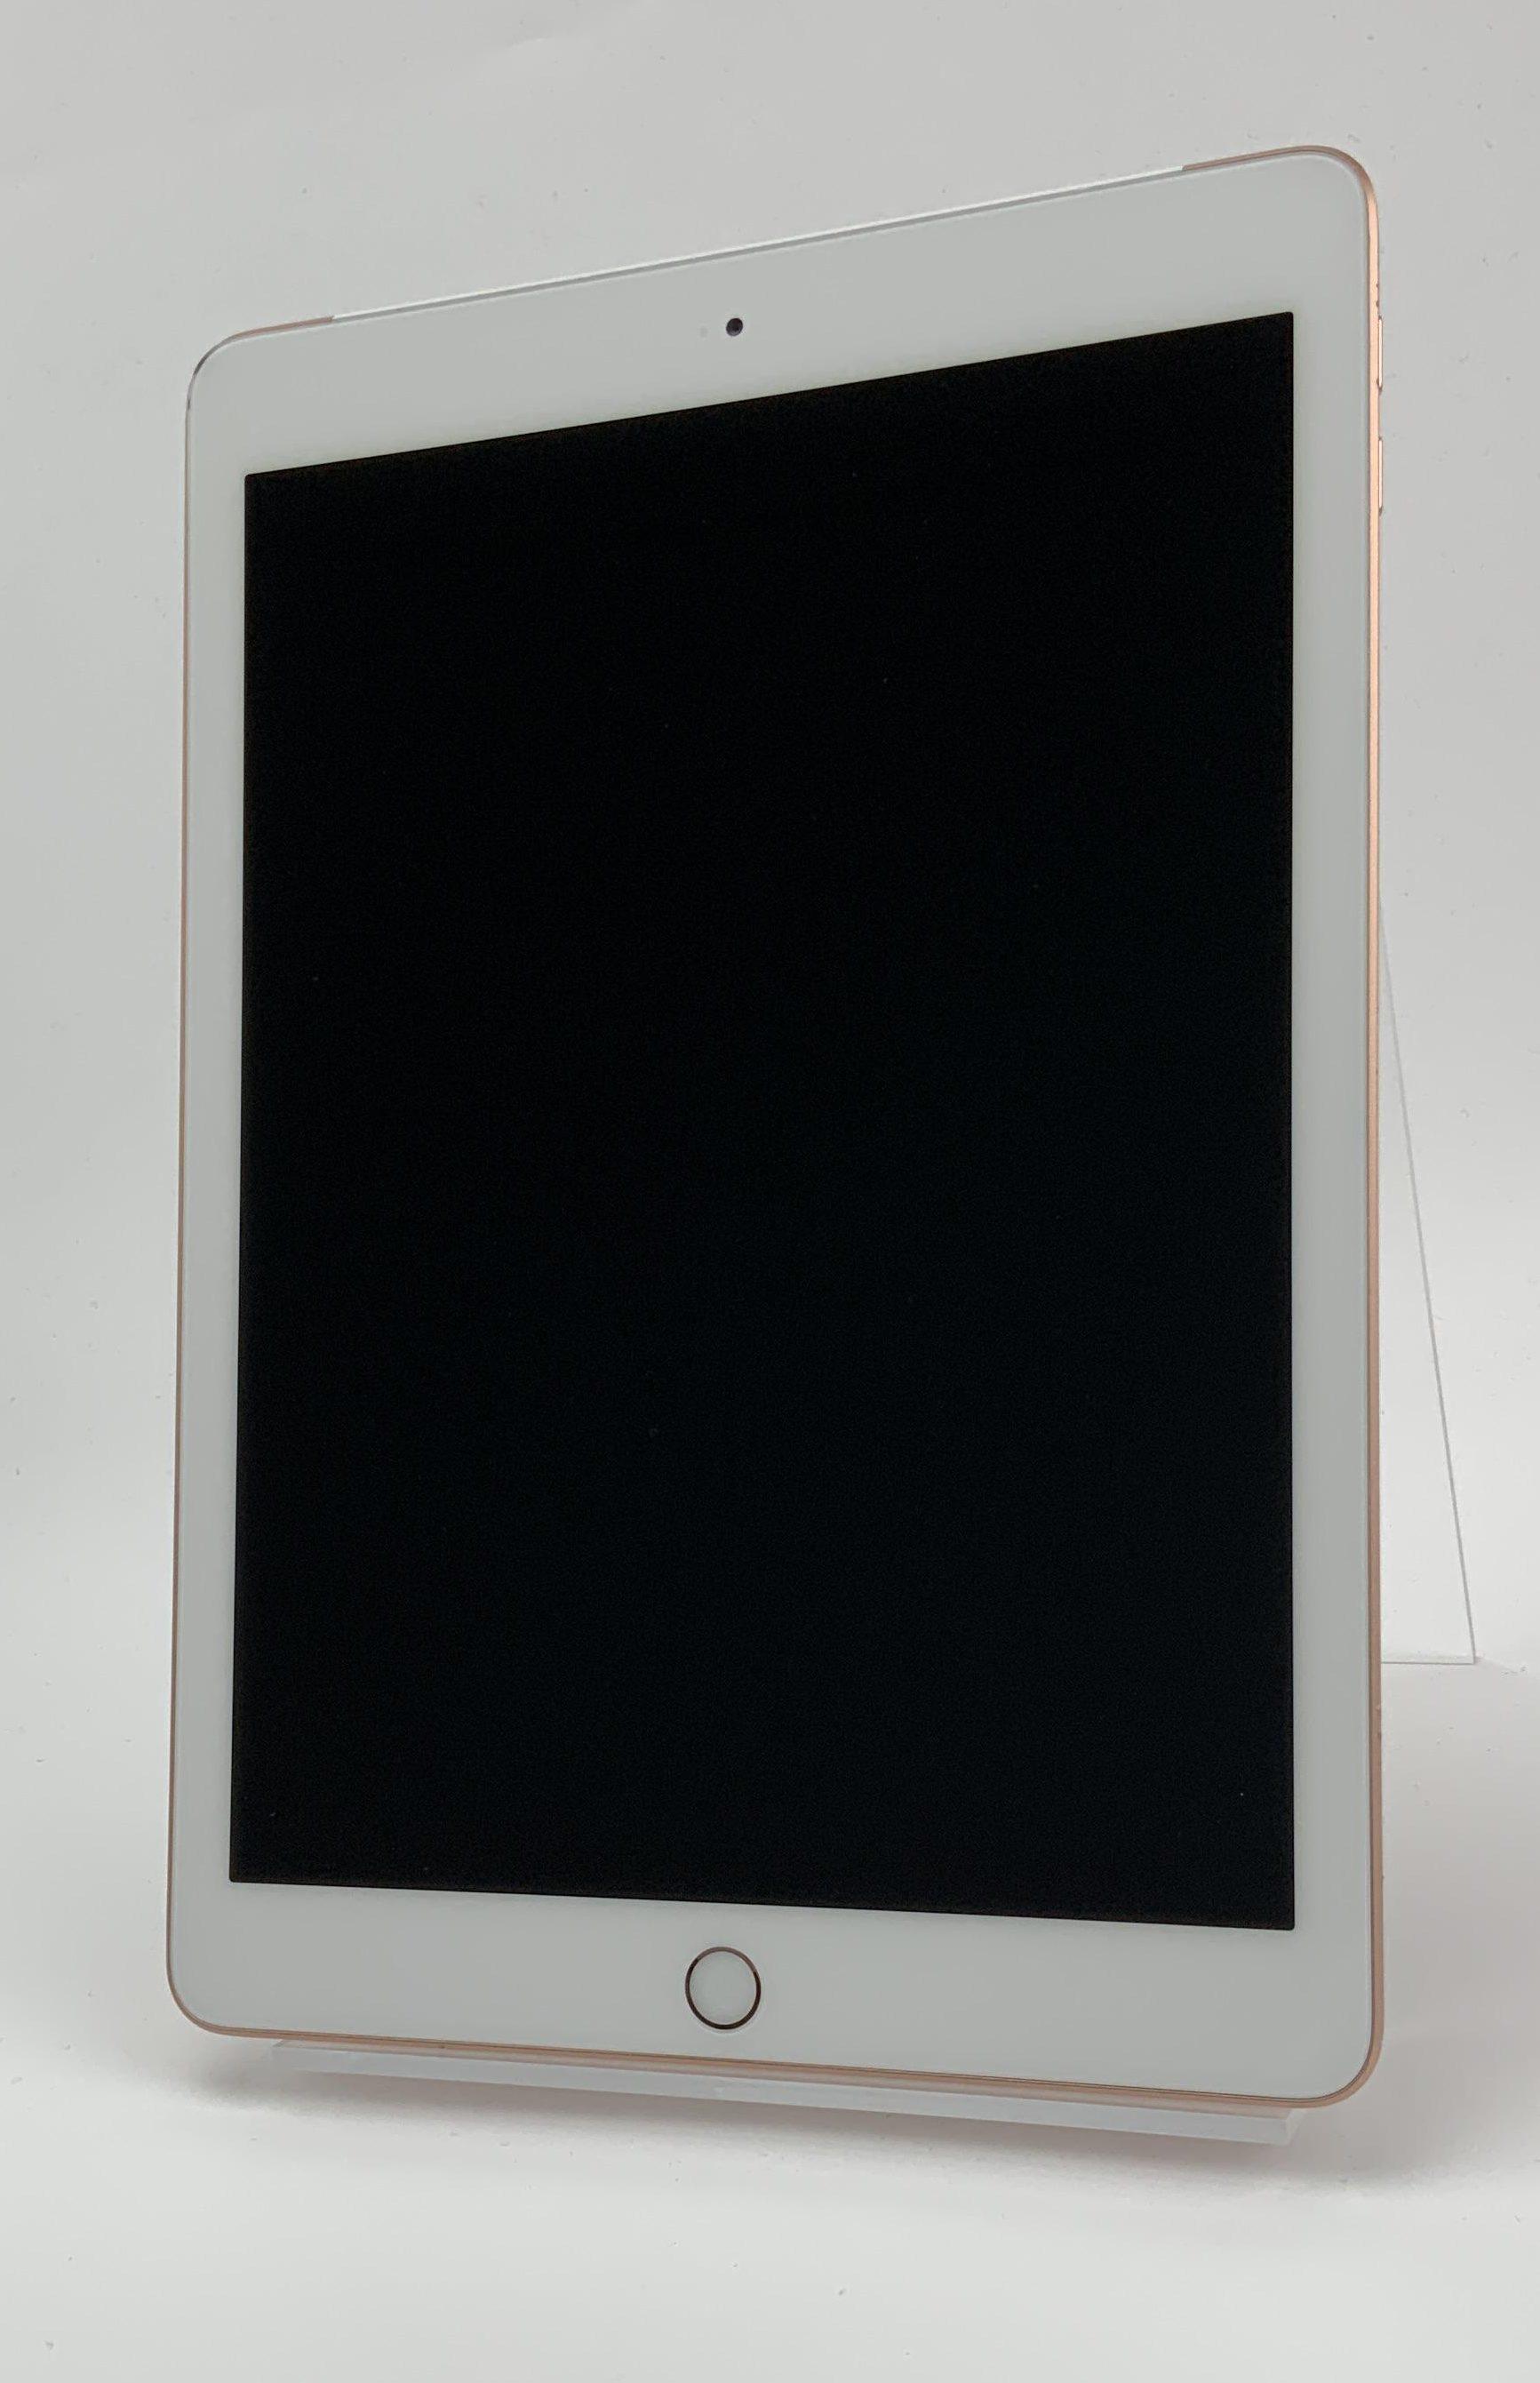 iPad 6 Wi-Fi + Cellular 32GB, 32GB, Gold, Kuva 1